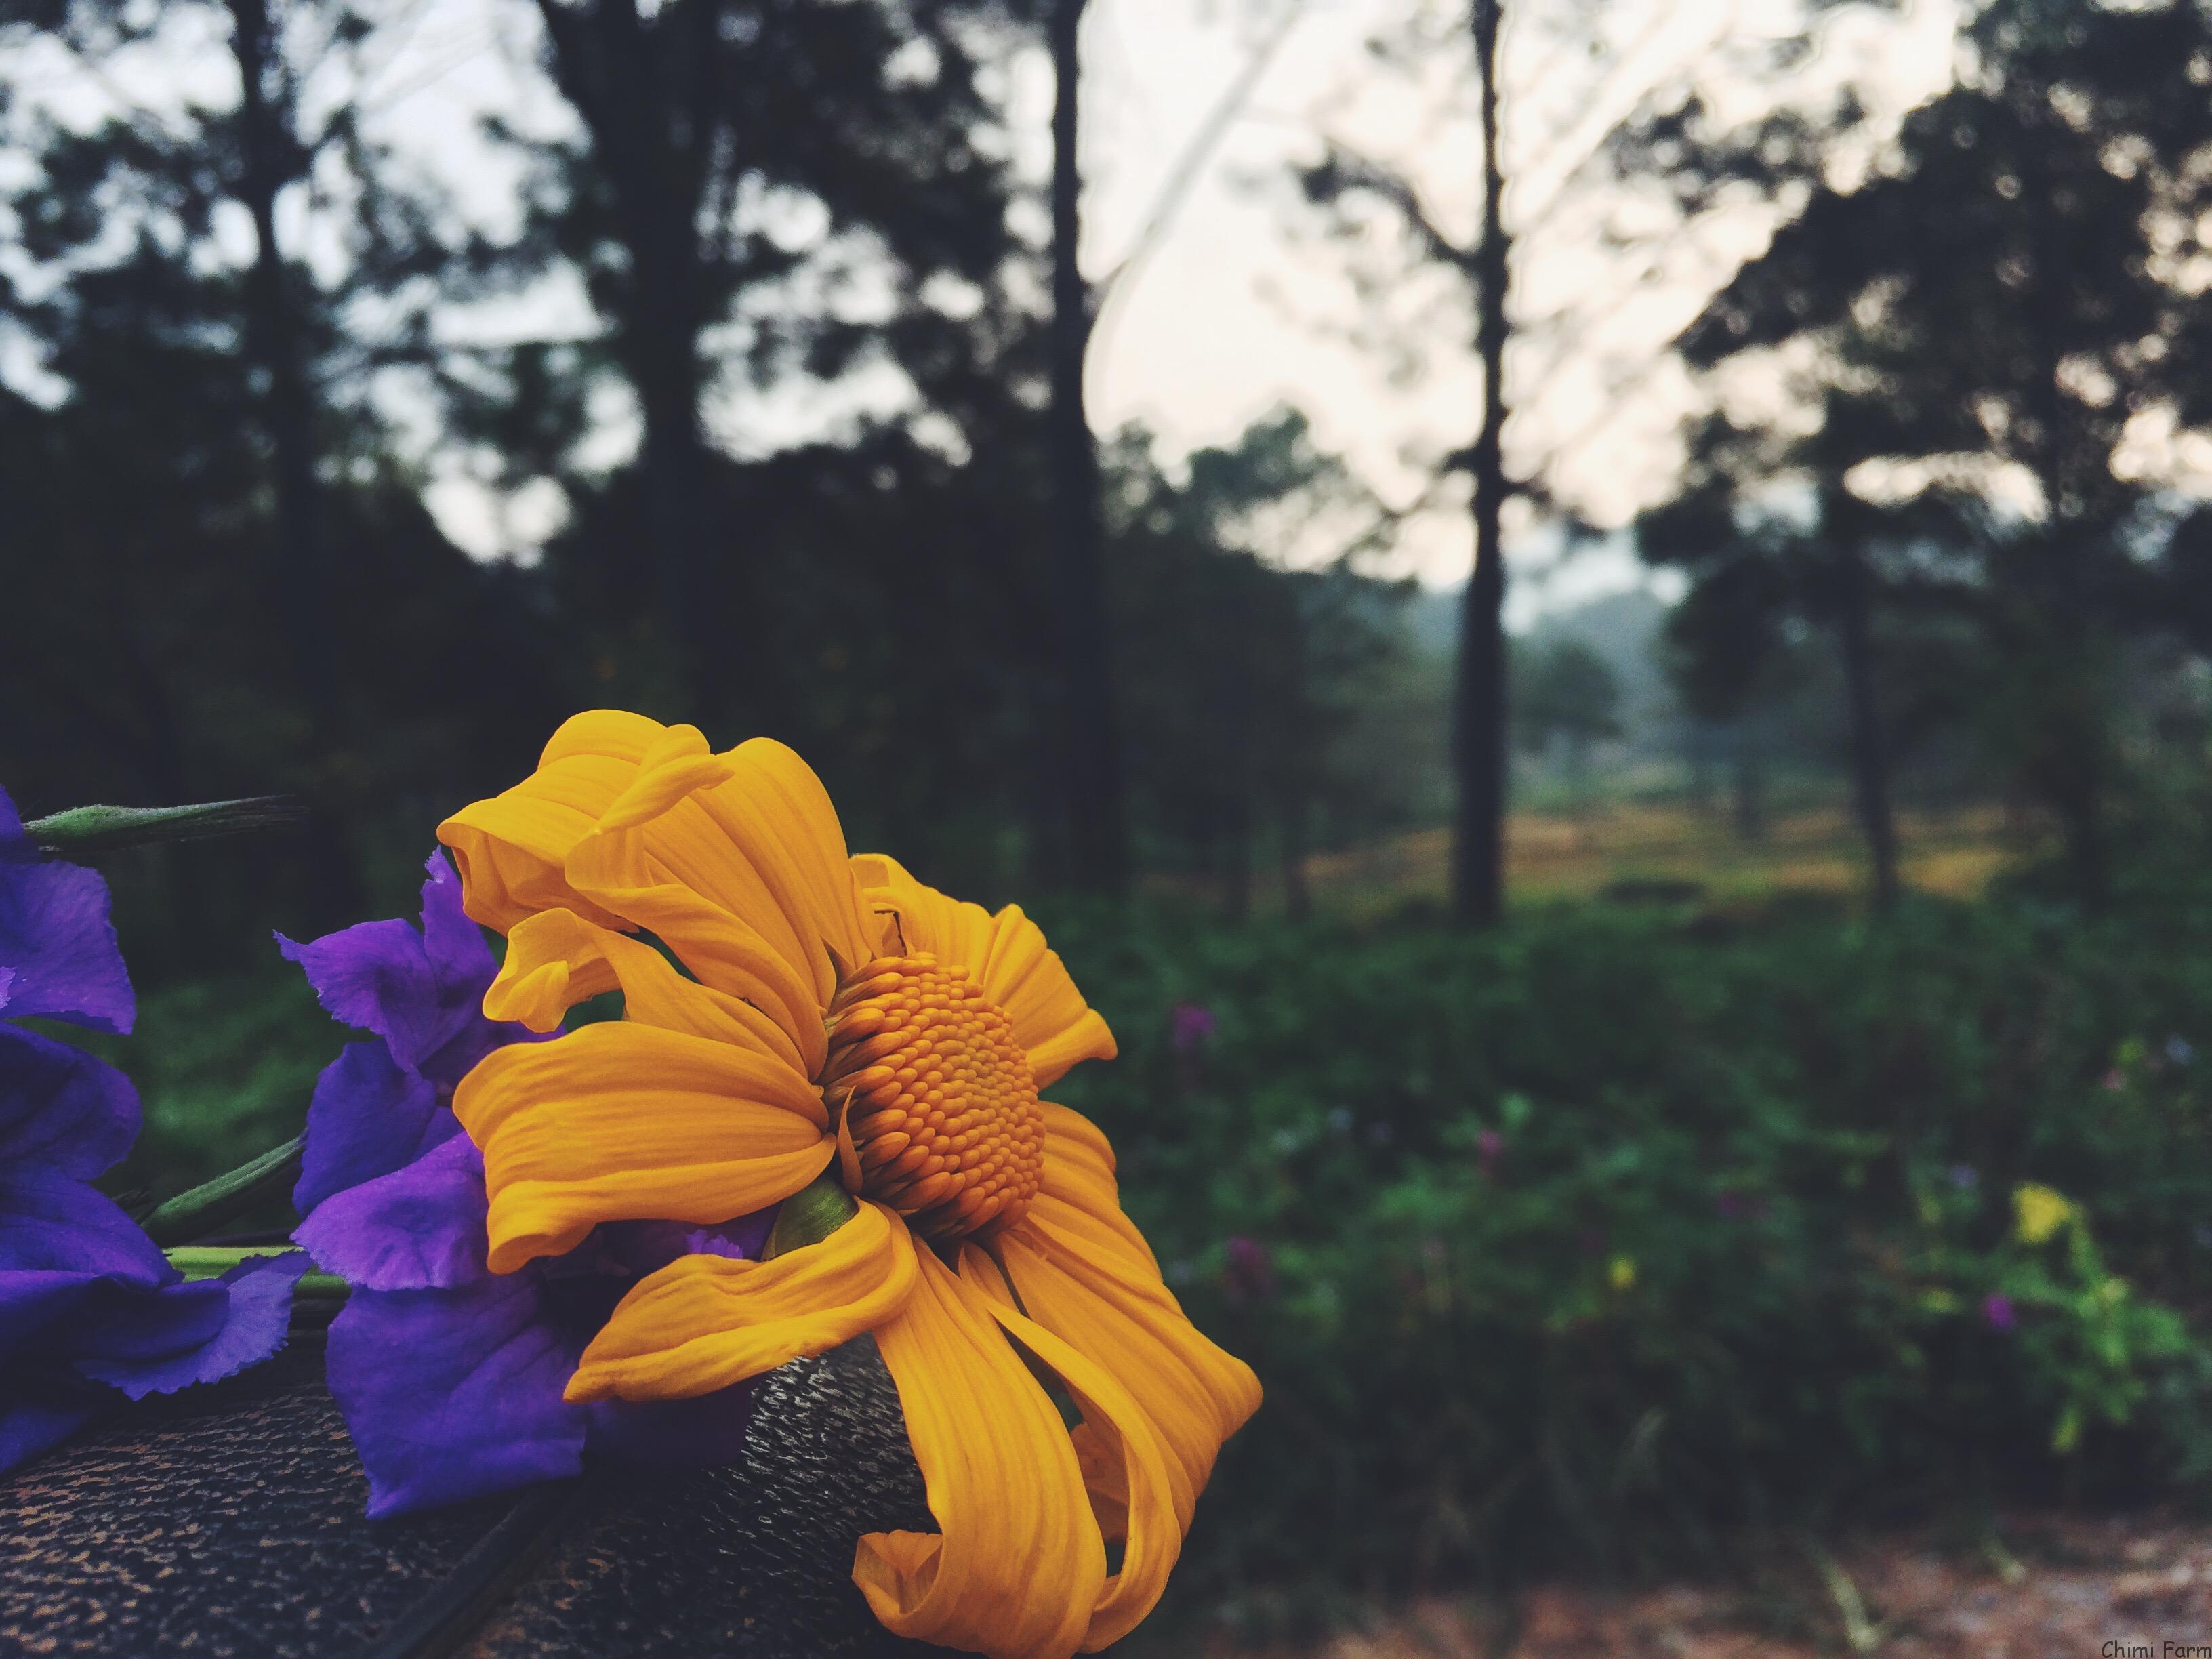 Những bông hoa dã quỳ Mộc Châu rực rỡ giữa ngày đông giá rét